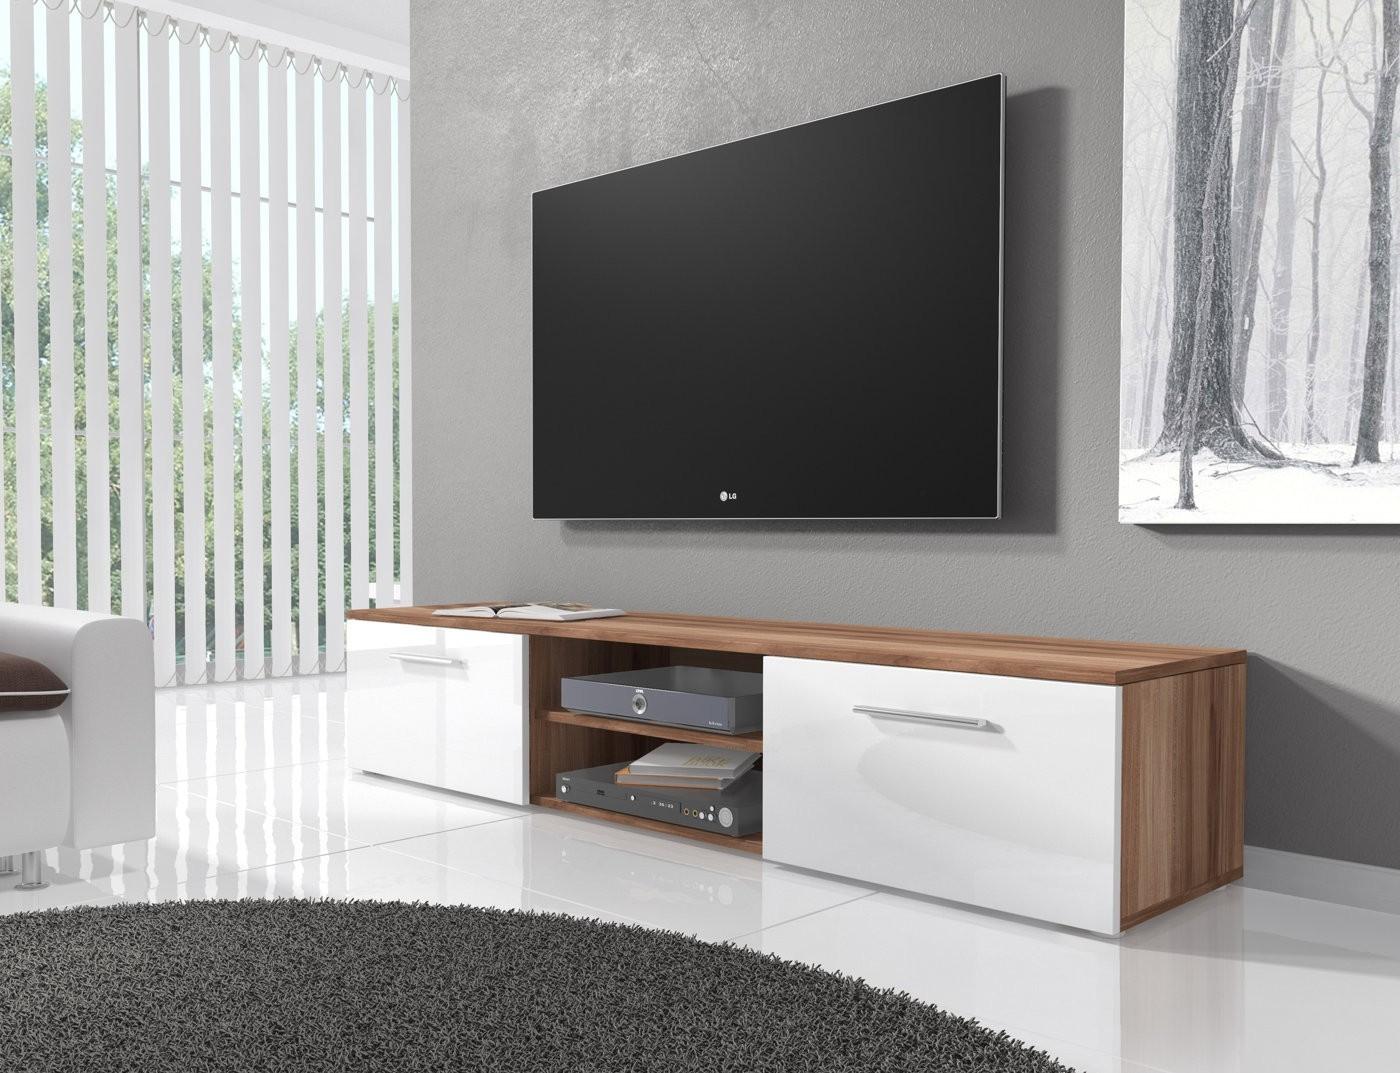 Tv meubel basura i wit eiken 160 cm meubella for Tv meubel design outlet